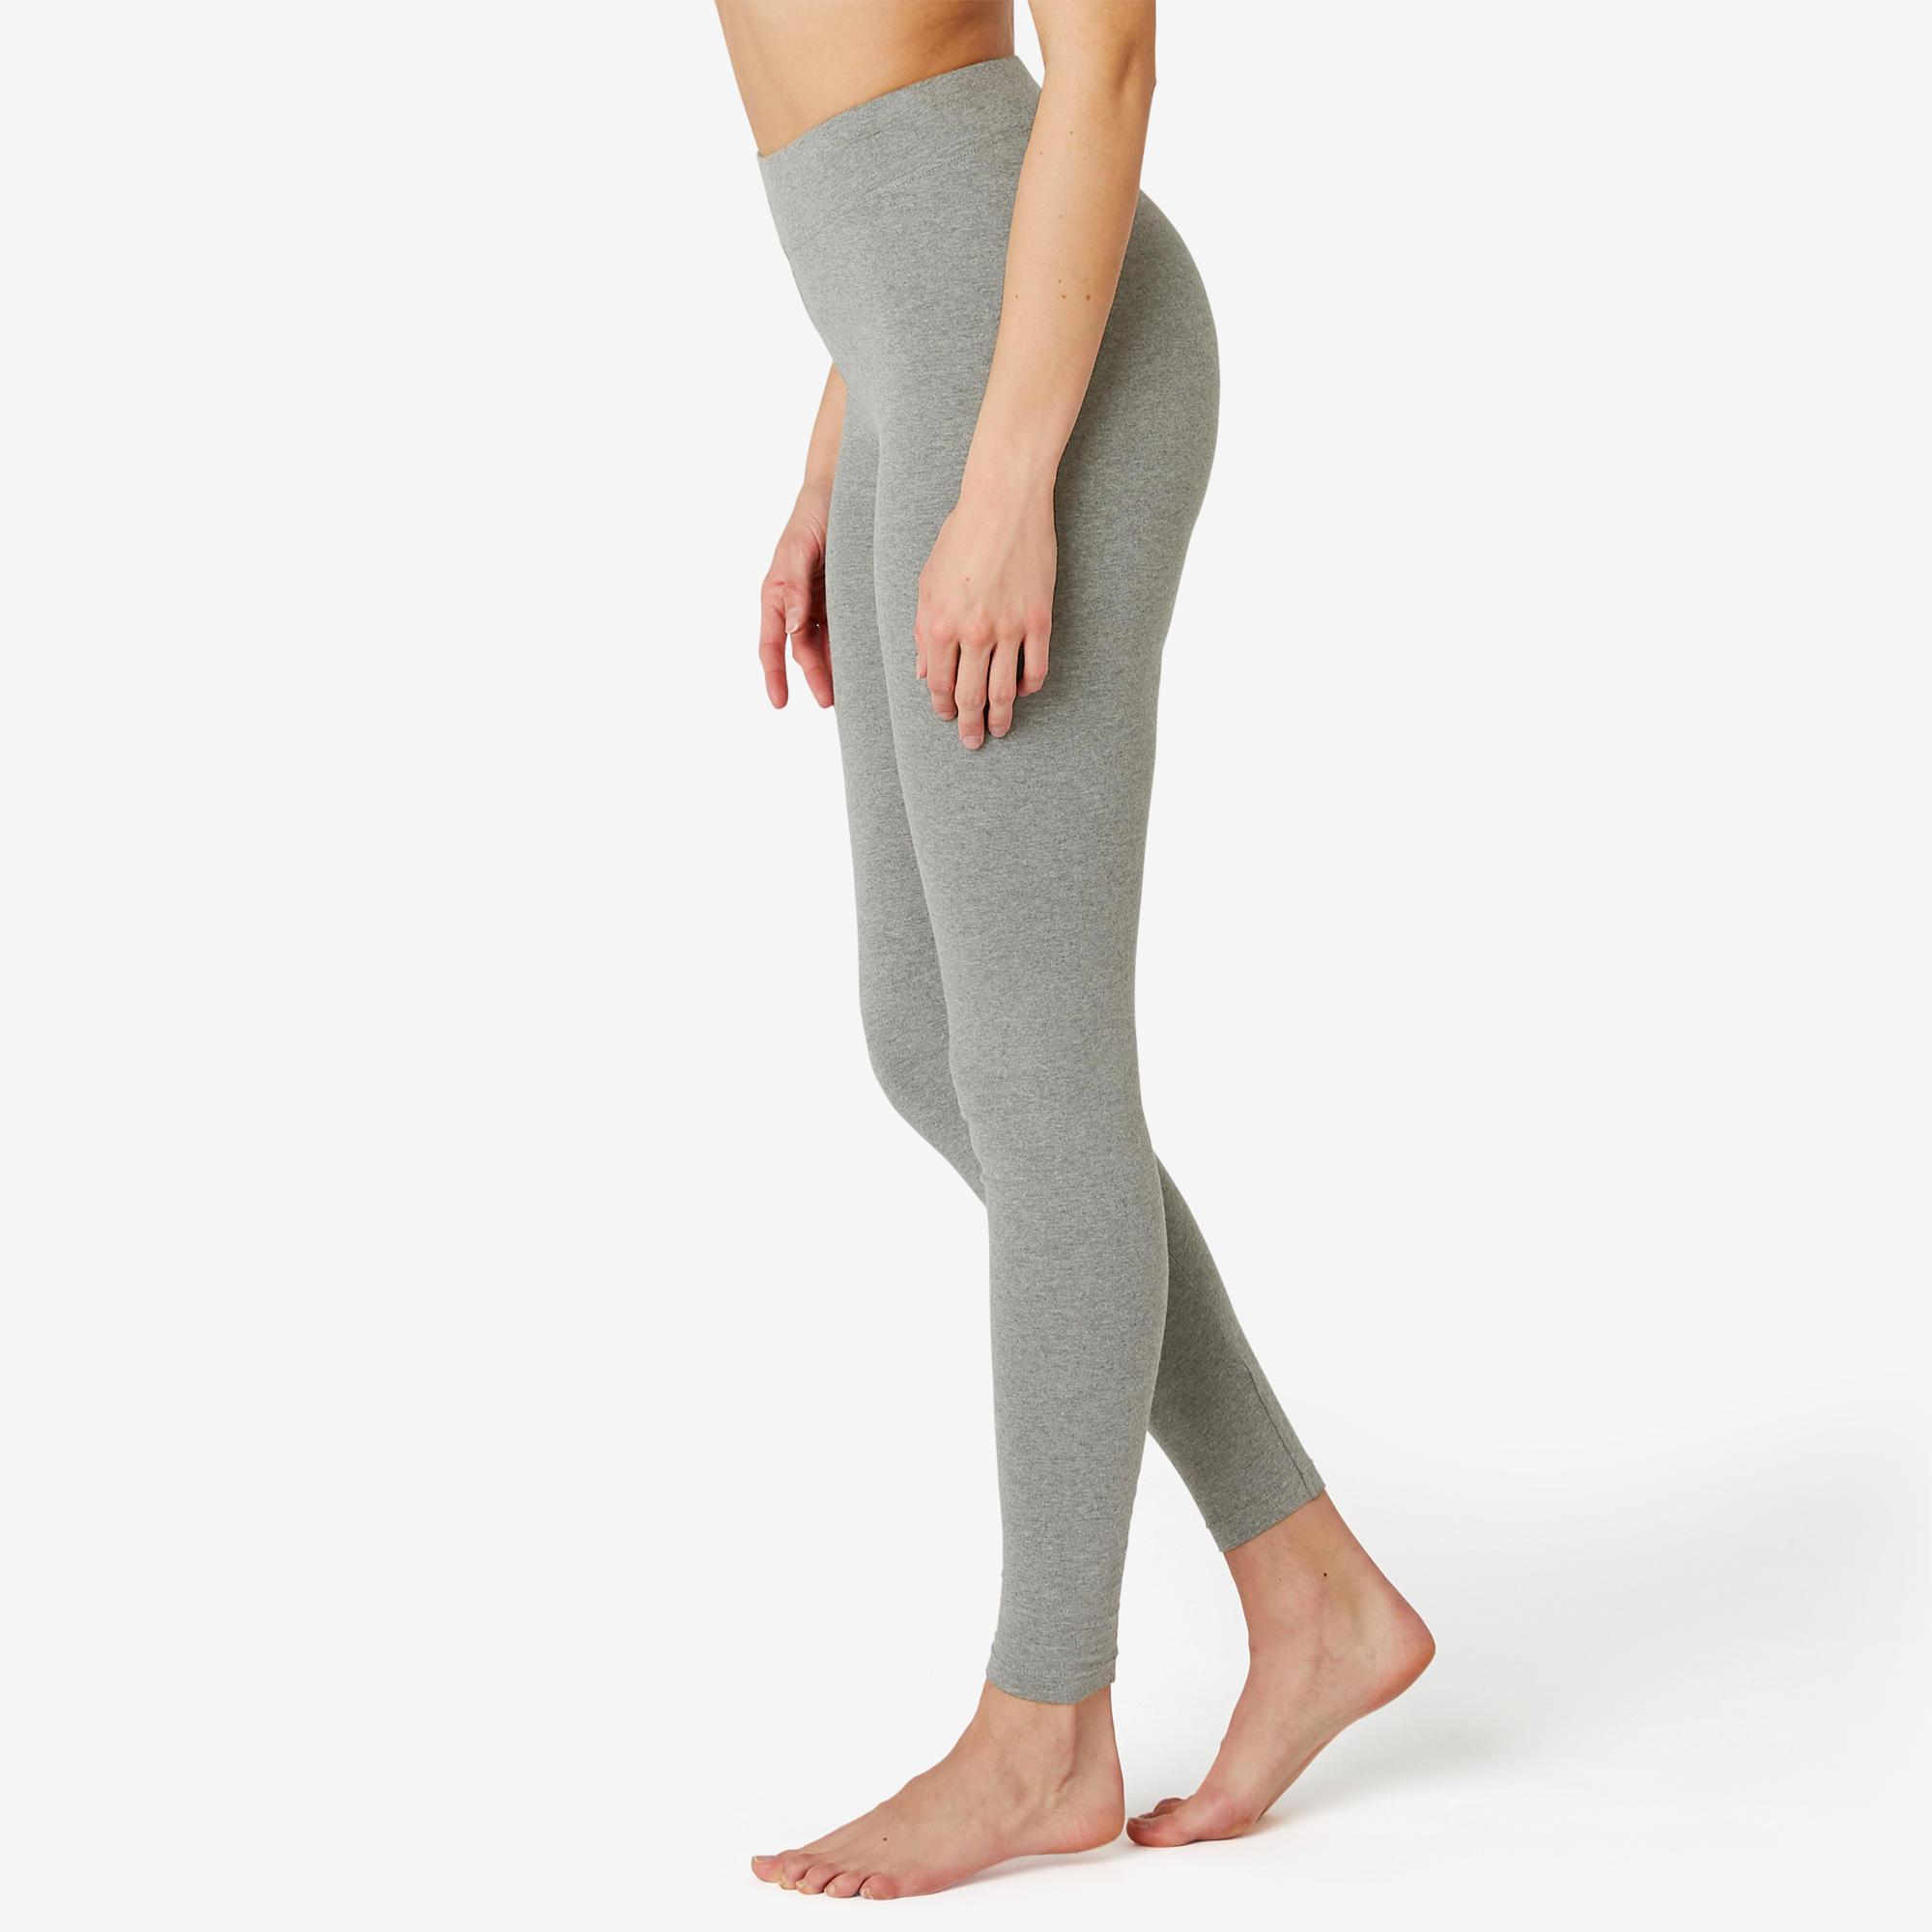 Pantalon de sport pilates gym douce femme fit500 slim gris domyos